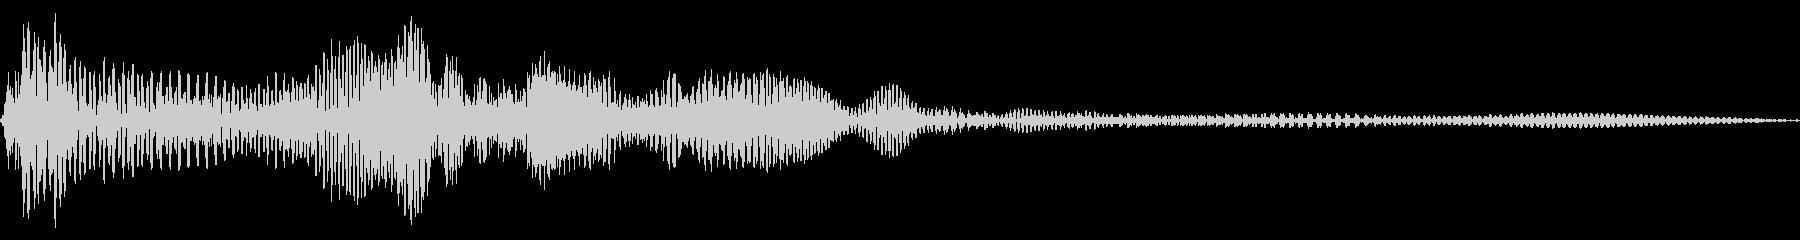 ギューン アップ&ダウン ウッドベースの未再生の波形